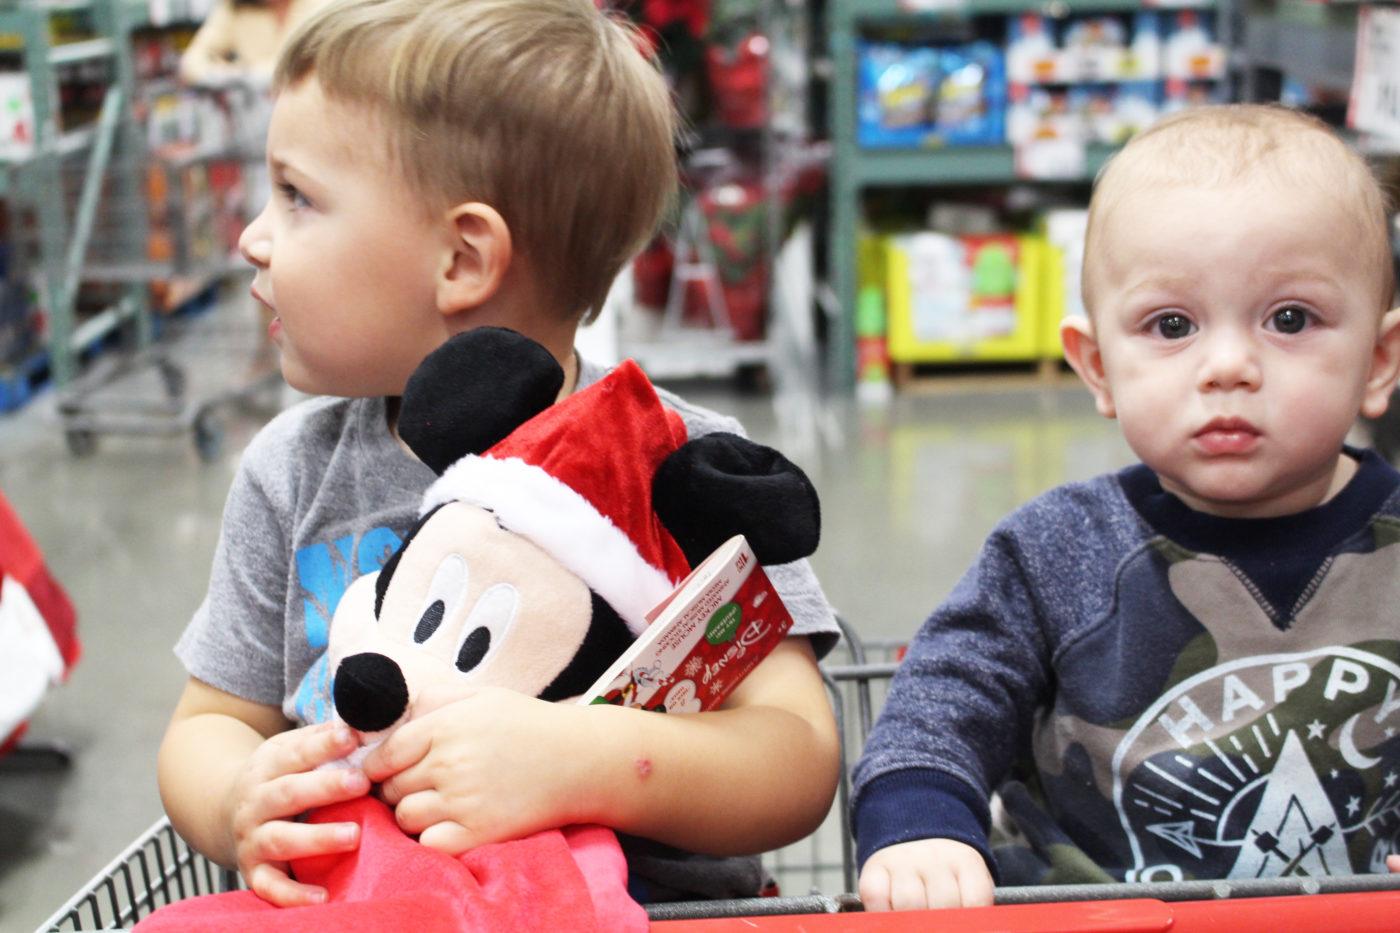 Kelebihan - Penuhi Hasrat Anak dengan Pergi ke Grosir Mainan Anak Murah